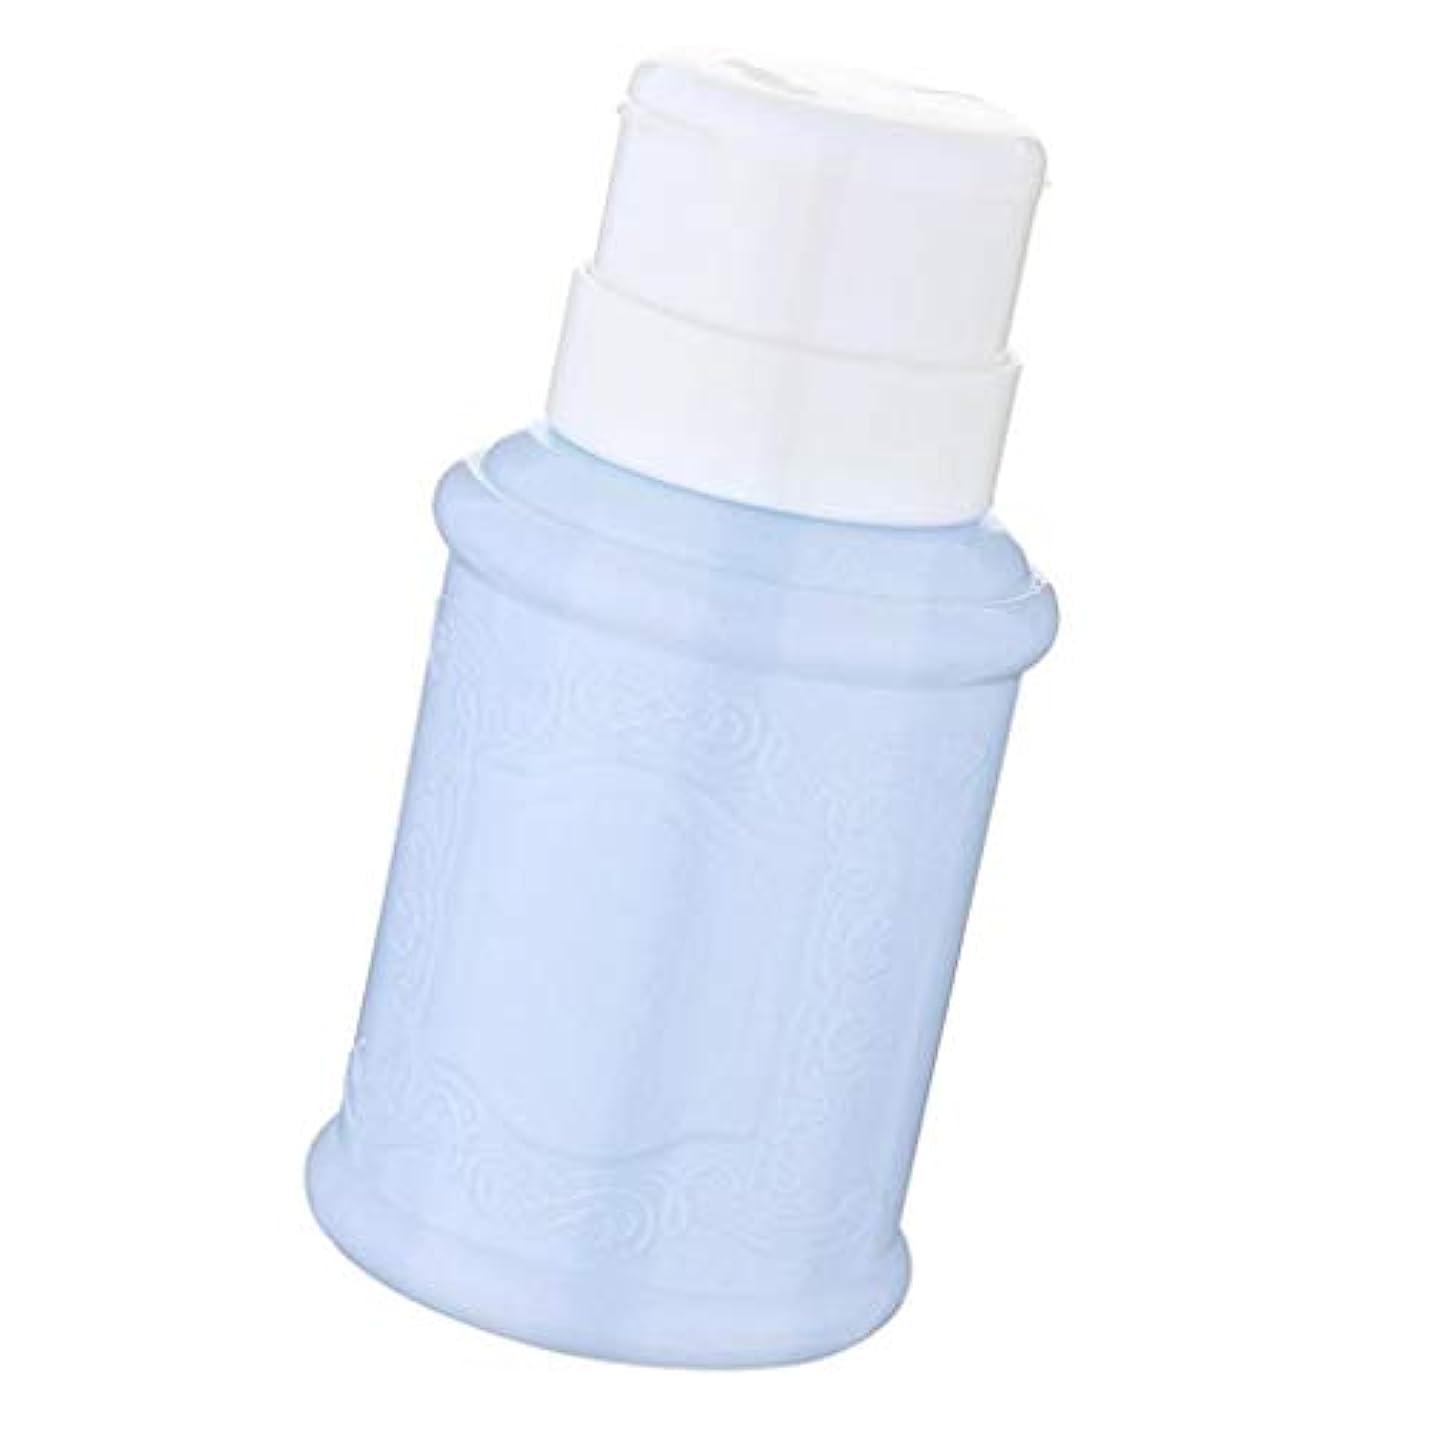 ホイール憤る野望ポンプディスペンサー ネイル リットル空ポンプ ネイルクリーナーボトル 全3色 - 青